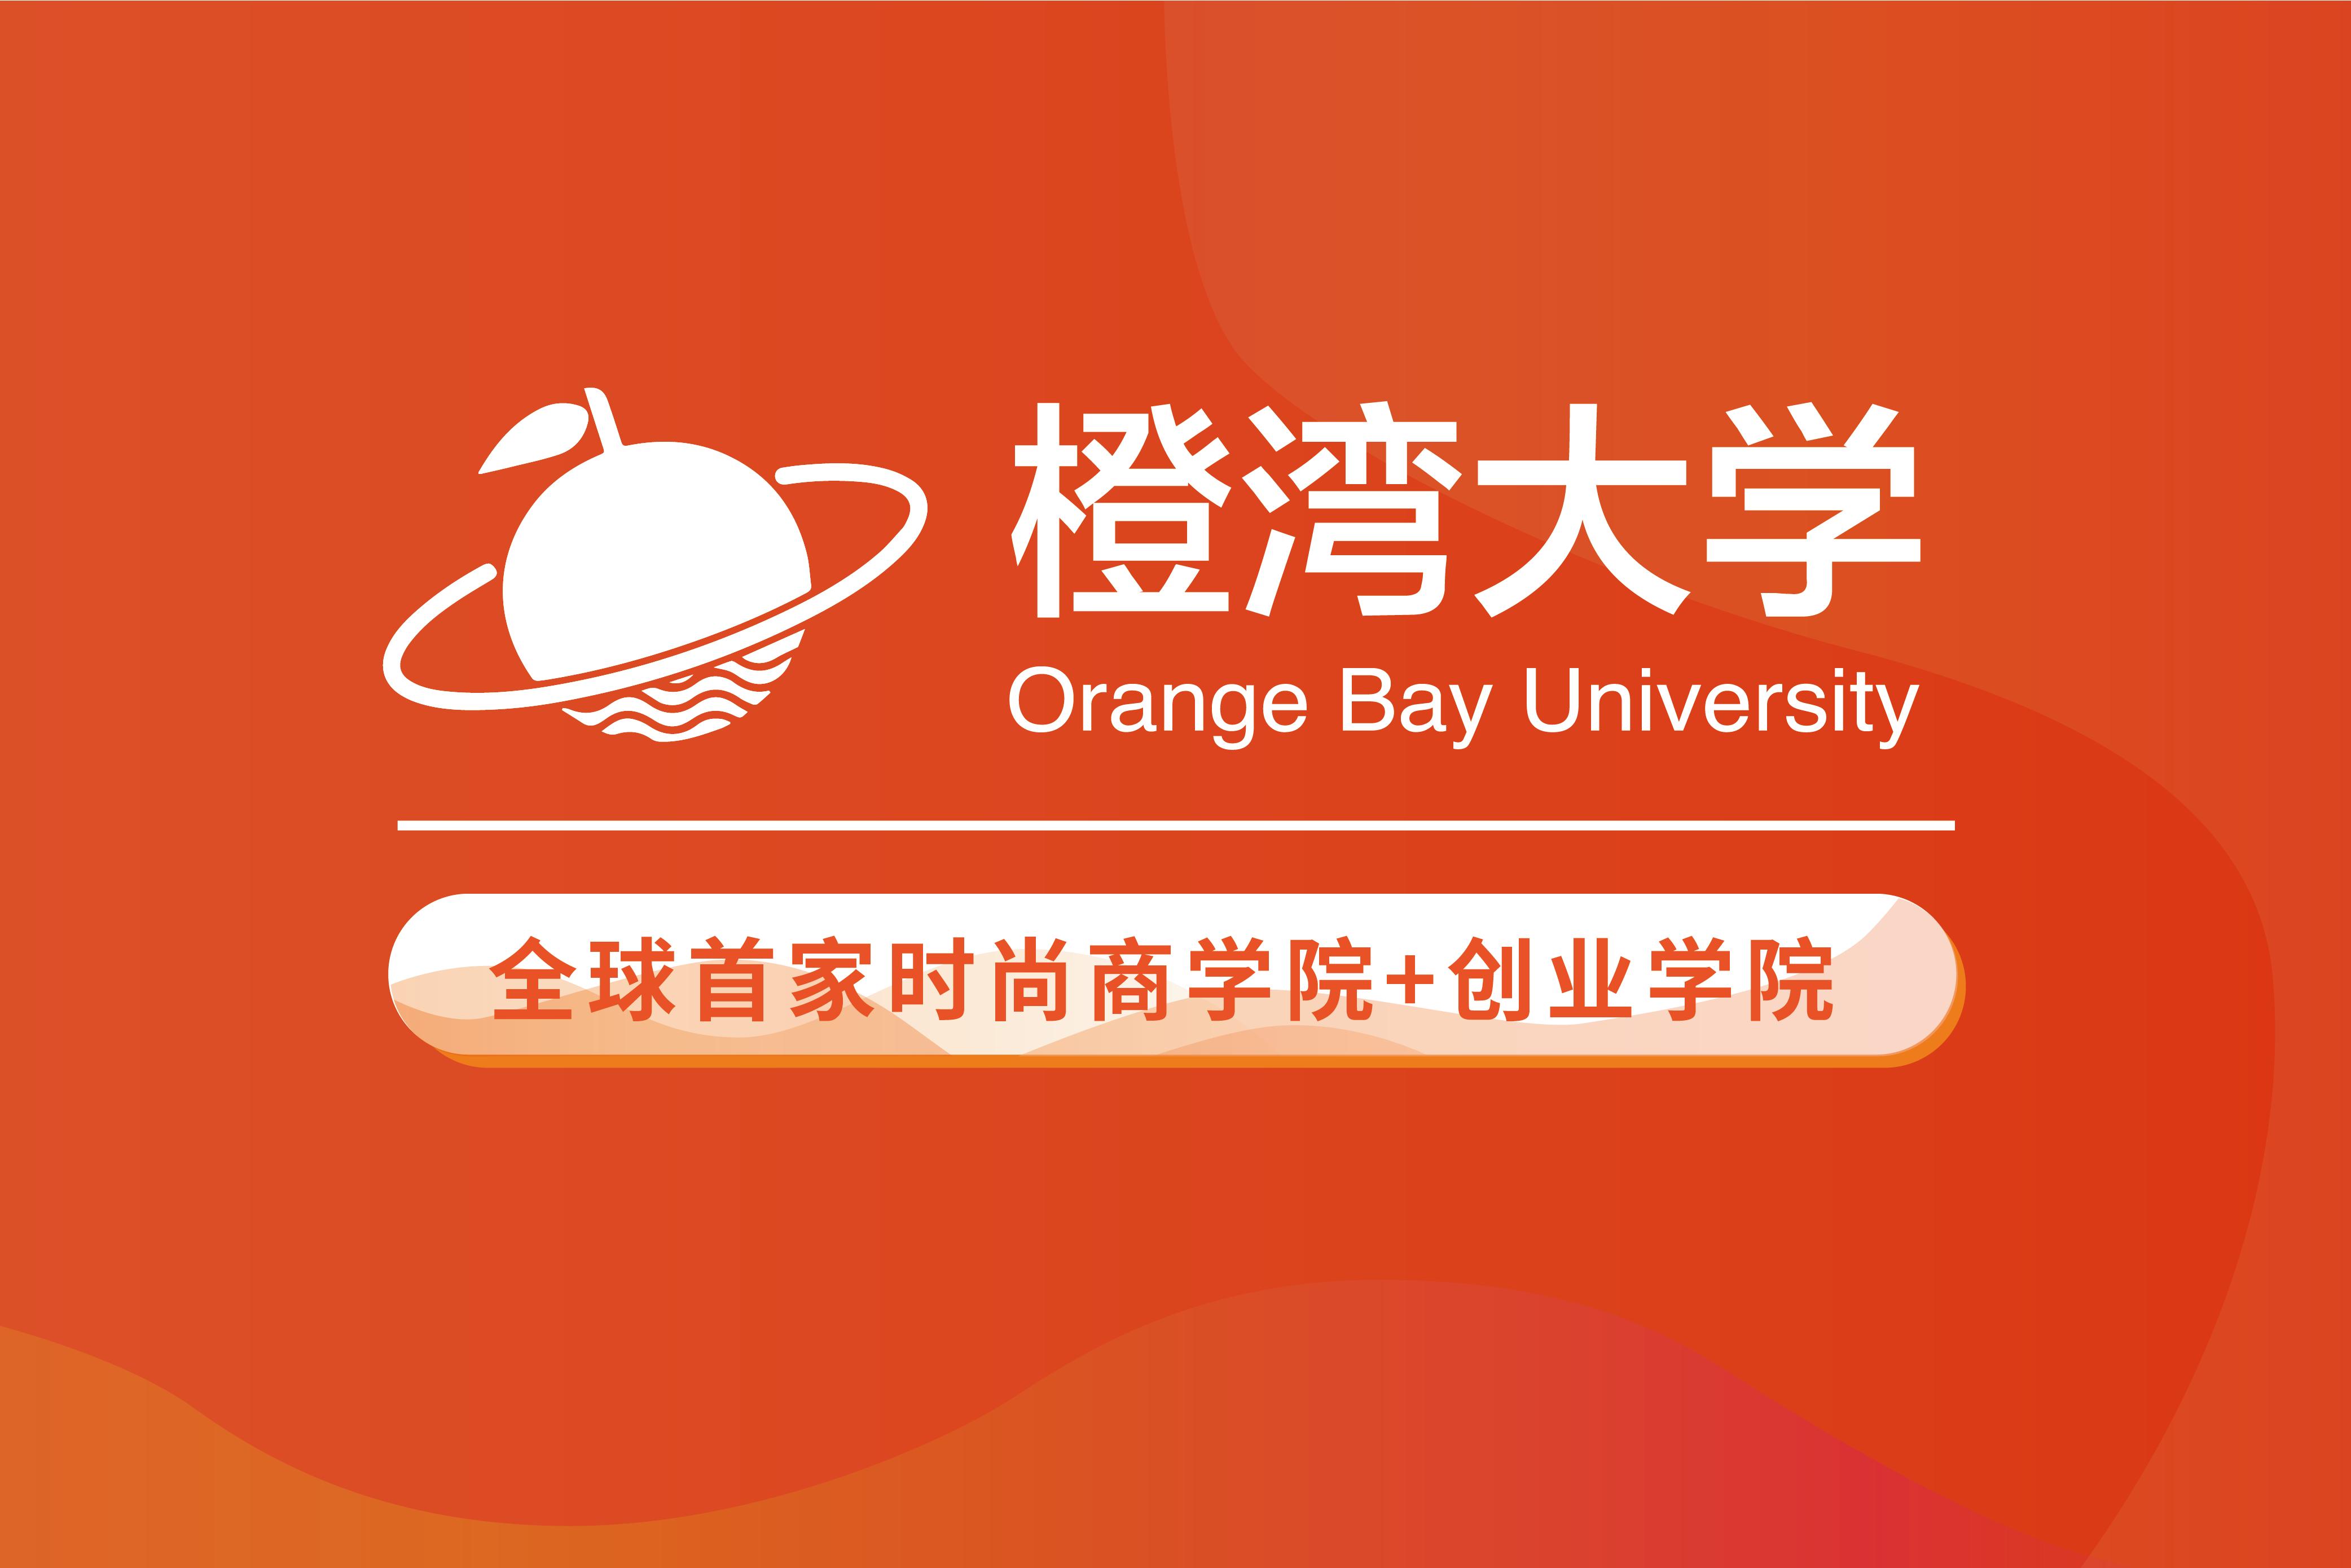 橙湾大学又开门了!三期招生正式启动,课程设置全面优化升级